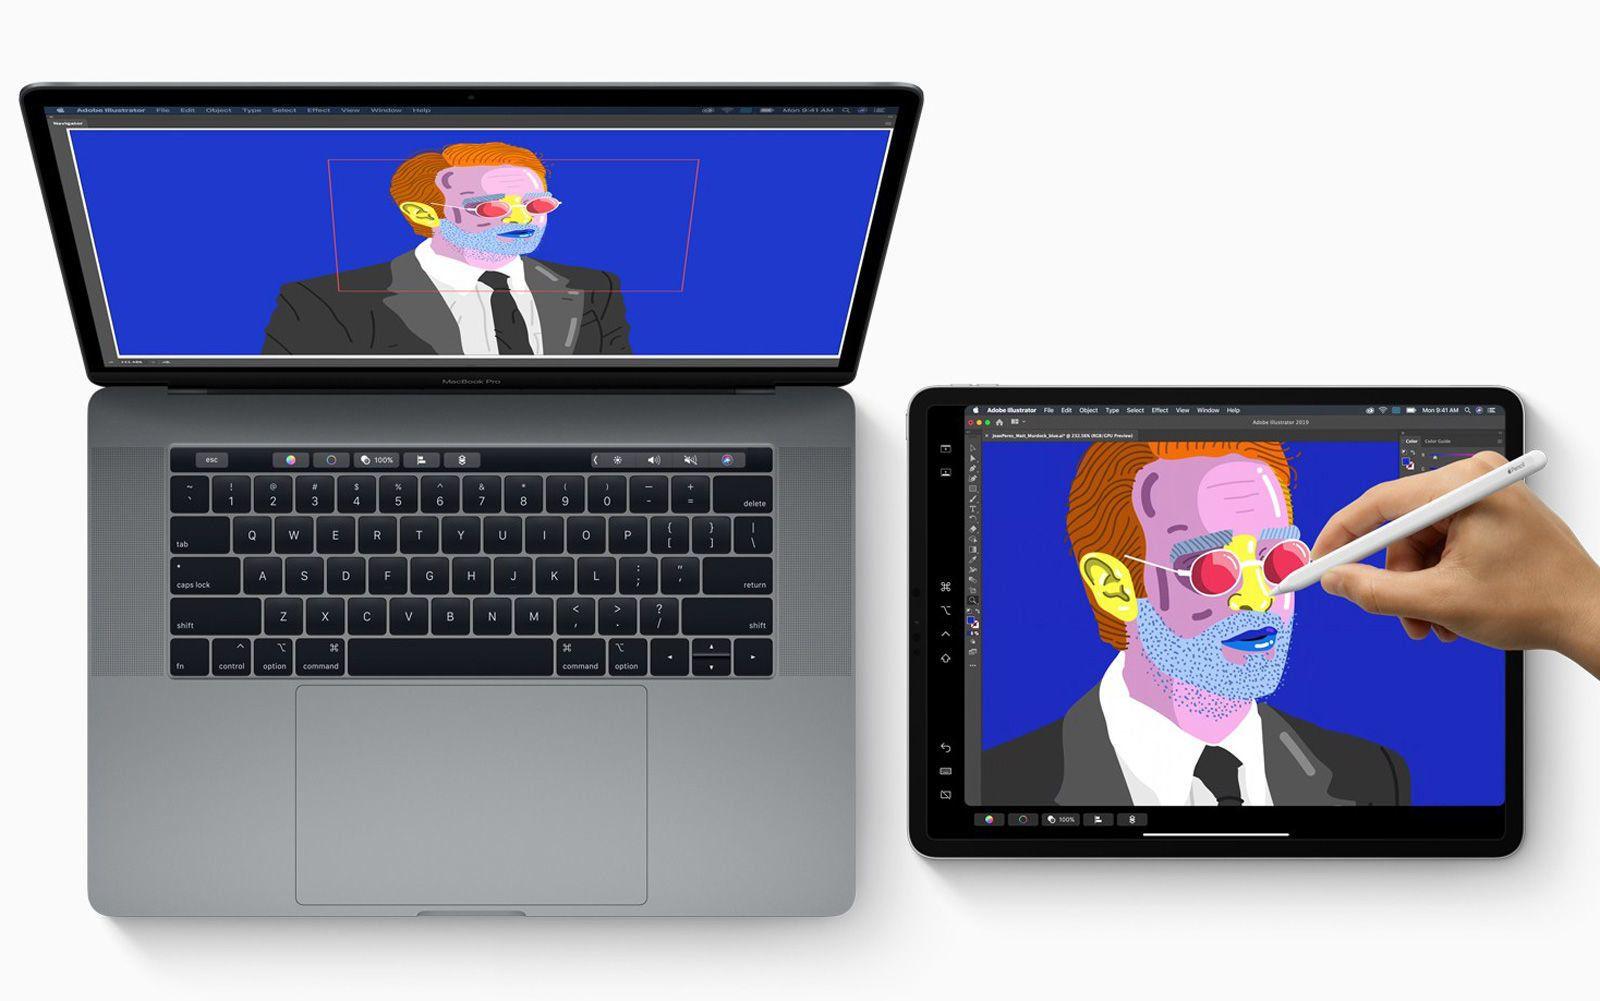 Come faccio a collegare due monitor al mio Mac mini siti Web di incontri flirt gratuiti